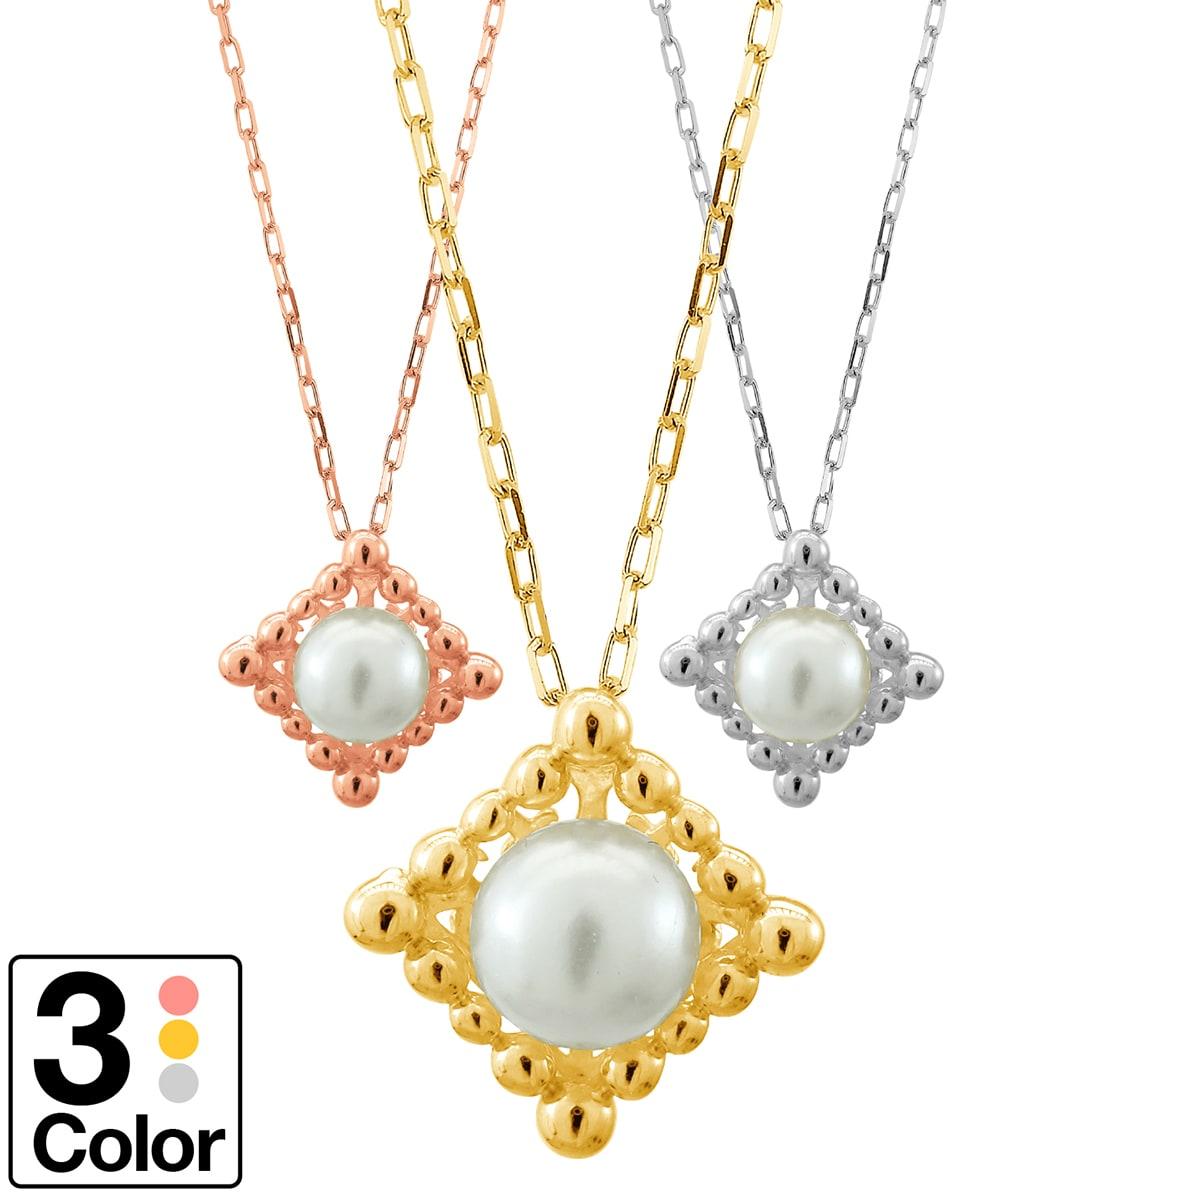 ネックレス k10 一粒 アコヤ真珠 イエローゴールド/ホワイトゴールド/ピンクゴールド 品質保証書 金属アレルギー 日本製 誕生日 ギフト